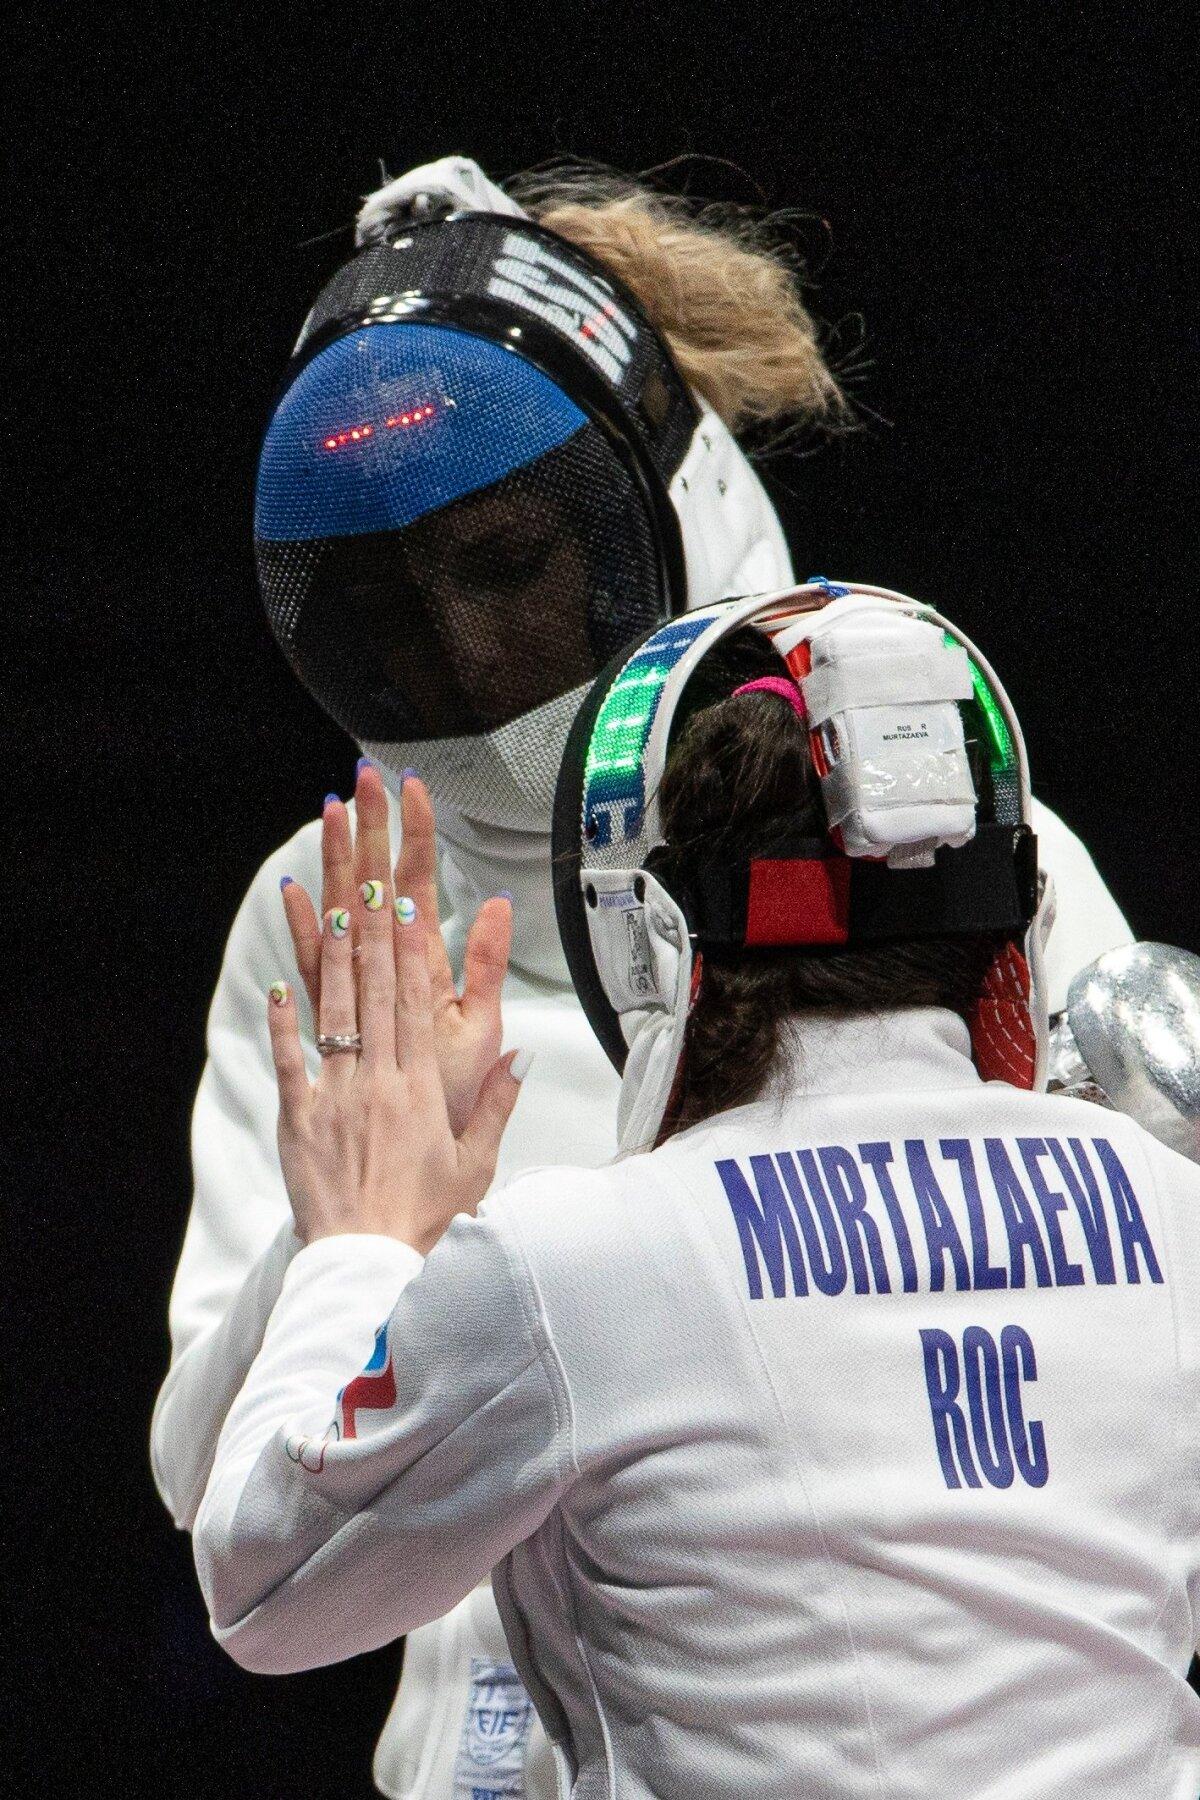 Naised jäävad naisteks, jõuavad medalimatši ajal ka maniküüre võrrelda.